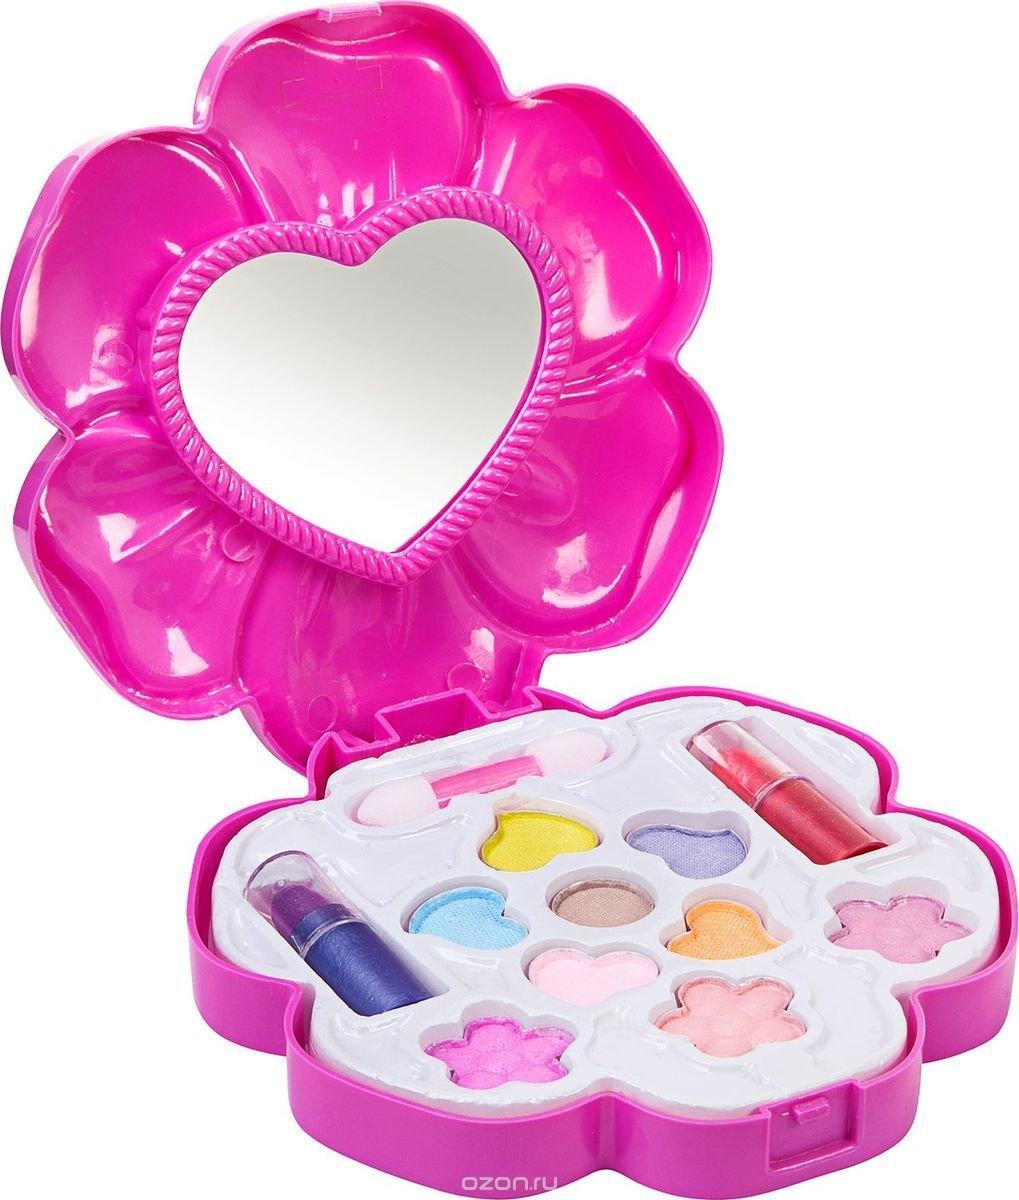 Подарки на день рождения ребенку 12 лет девочке 21